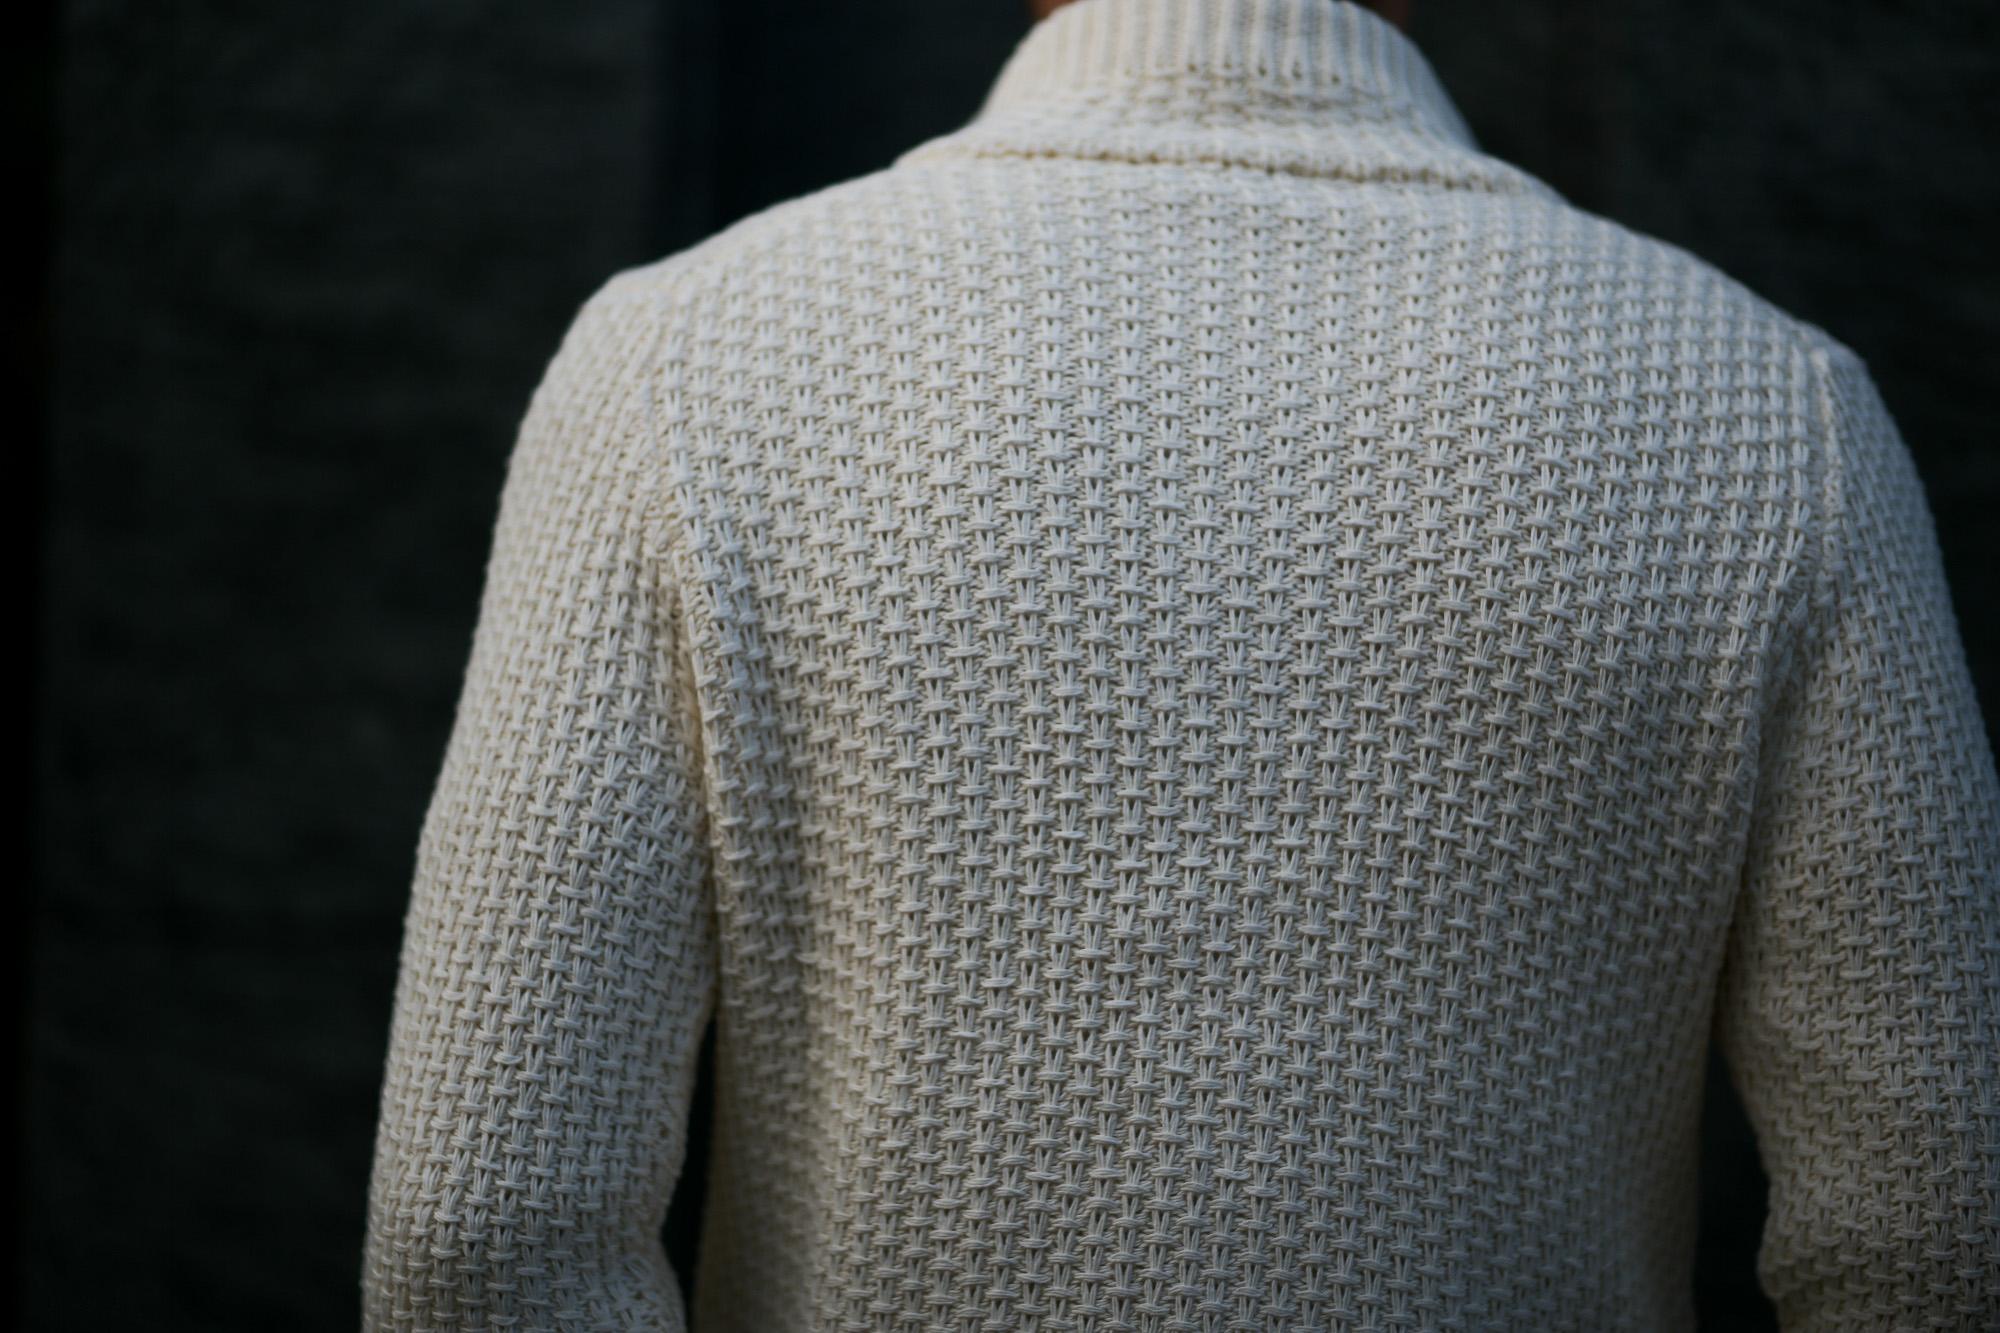 ZANONE (ザノーネ) CHIOTO Kyoto (キョウト) コットンミドルゲージニット カーディガン ジャケット OFF WHITE (オフホワイト・Z3372) made in italy (イタリア製) 2019 春夏新作 愛知 名古屋 alto e diritto アルトエデリット ニットジャケット